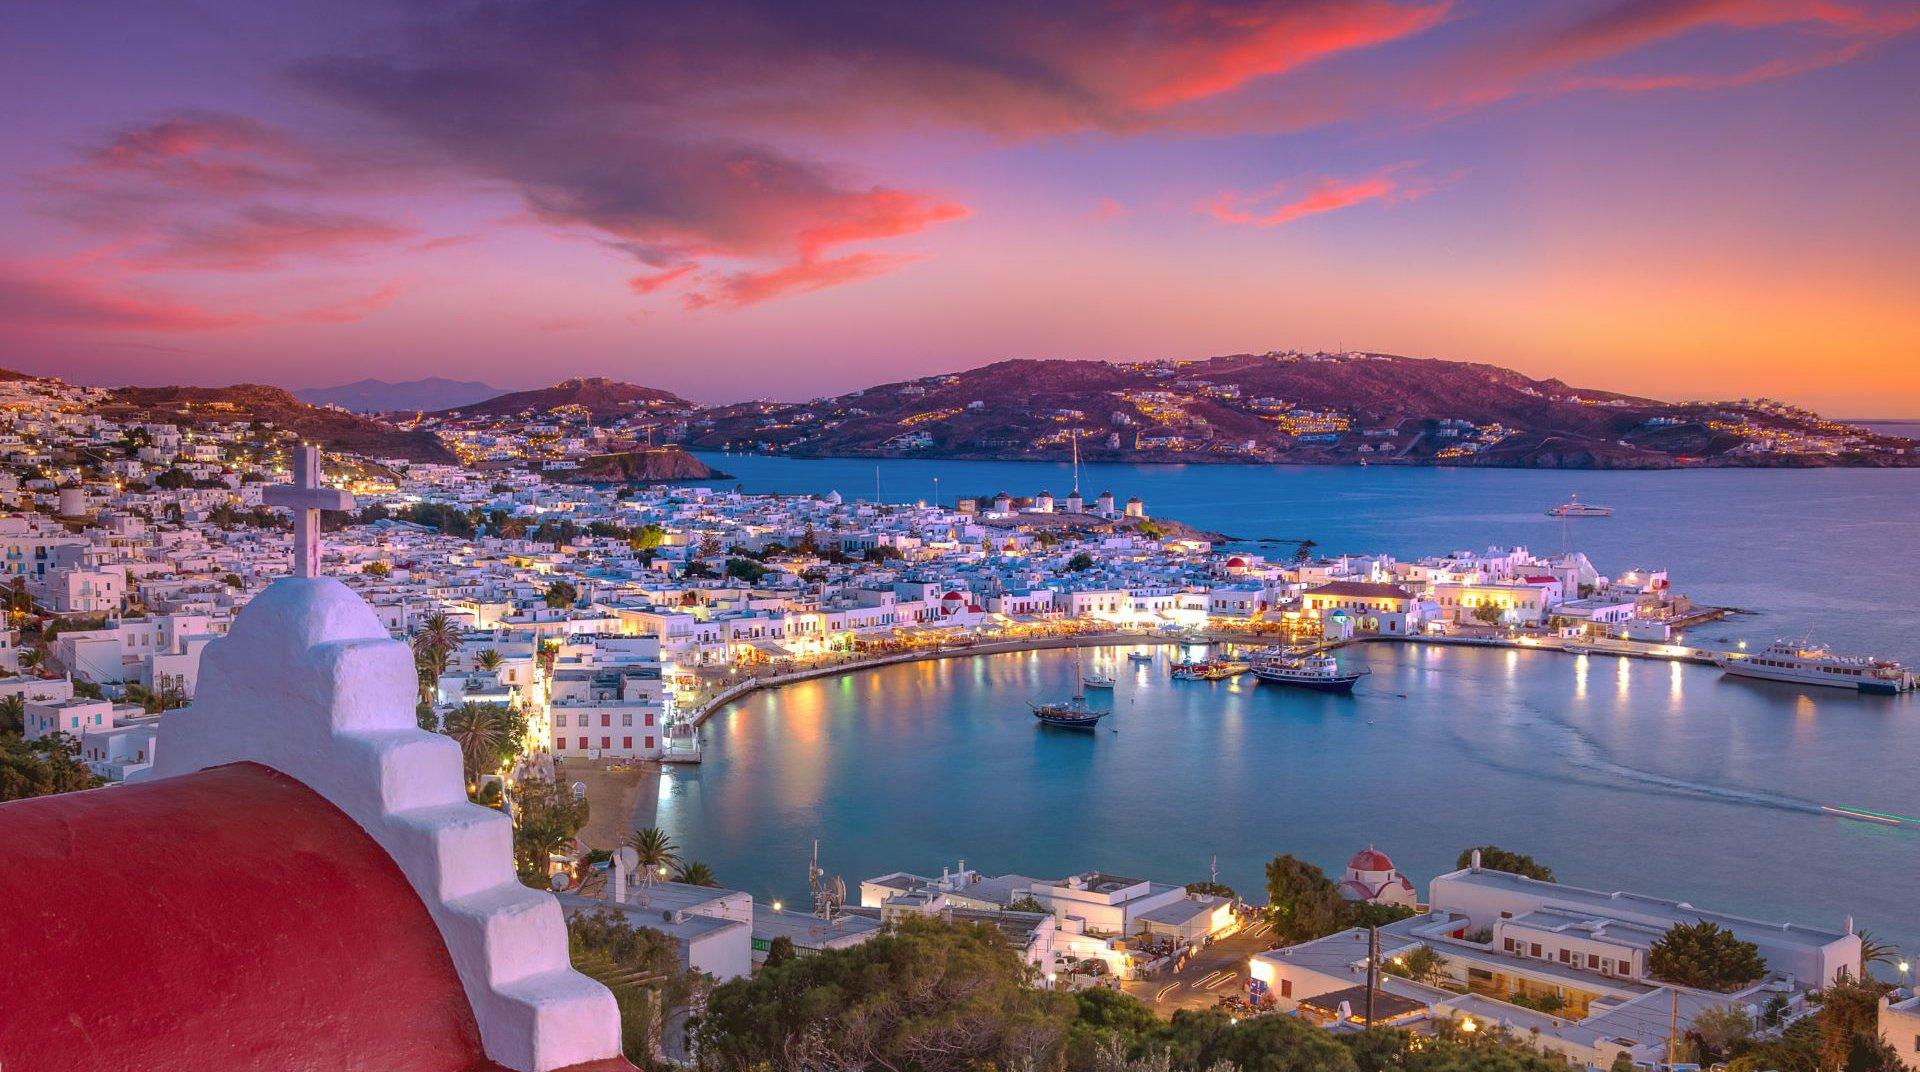 Η θέα του νησιού από την περιοχή της Χώρας